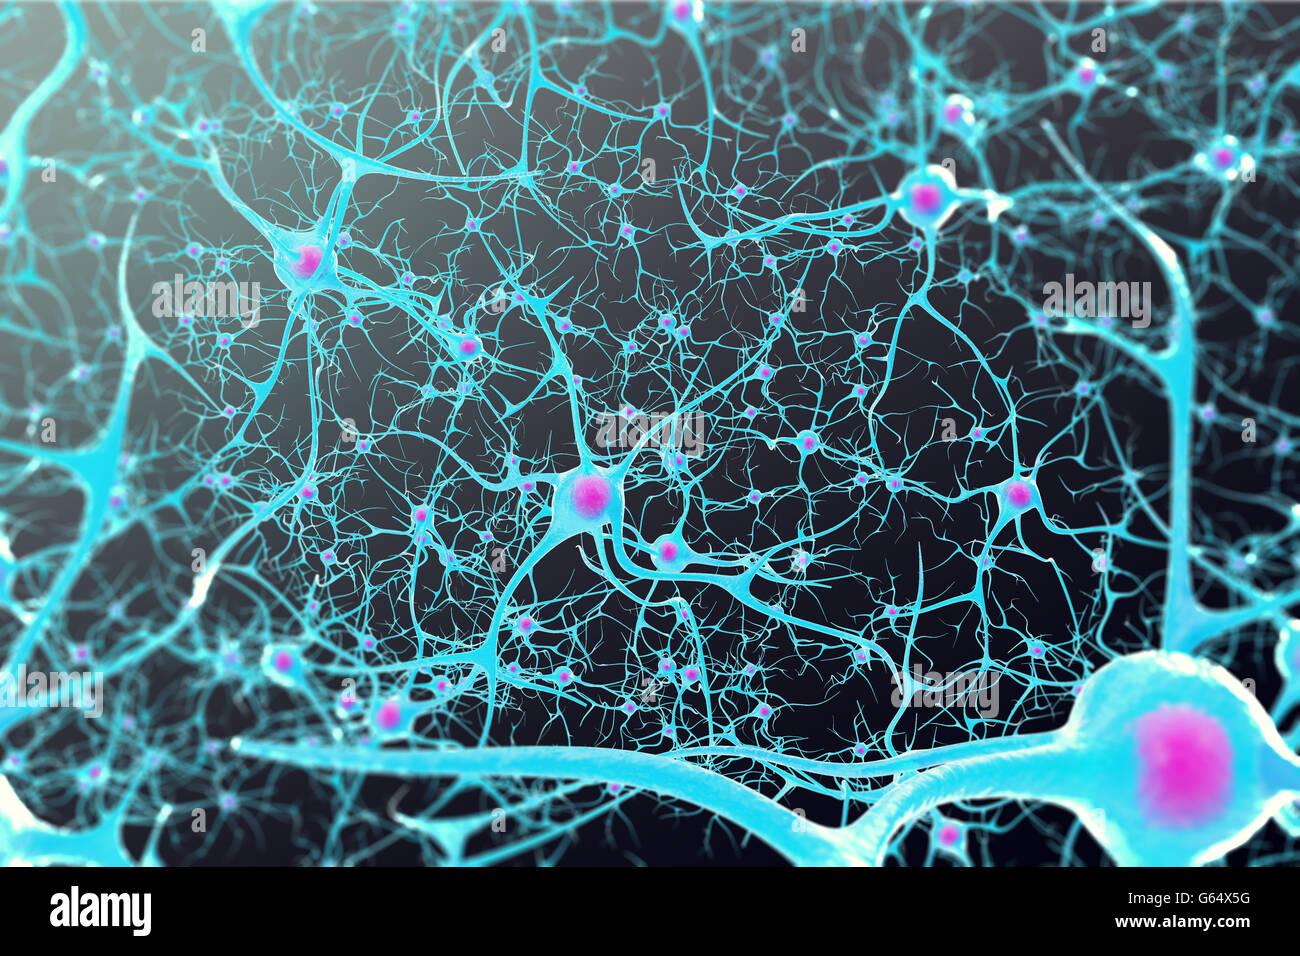 Las neuronas en el cerebro con un núcleo interior sobre fondo negro. Ilustración 3d Imagen De Stock